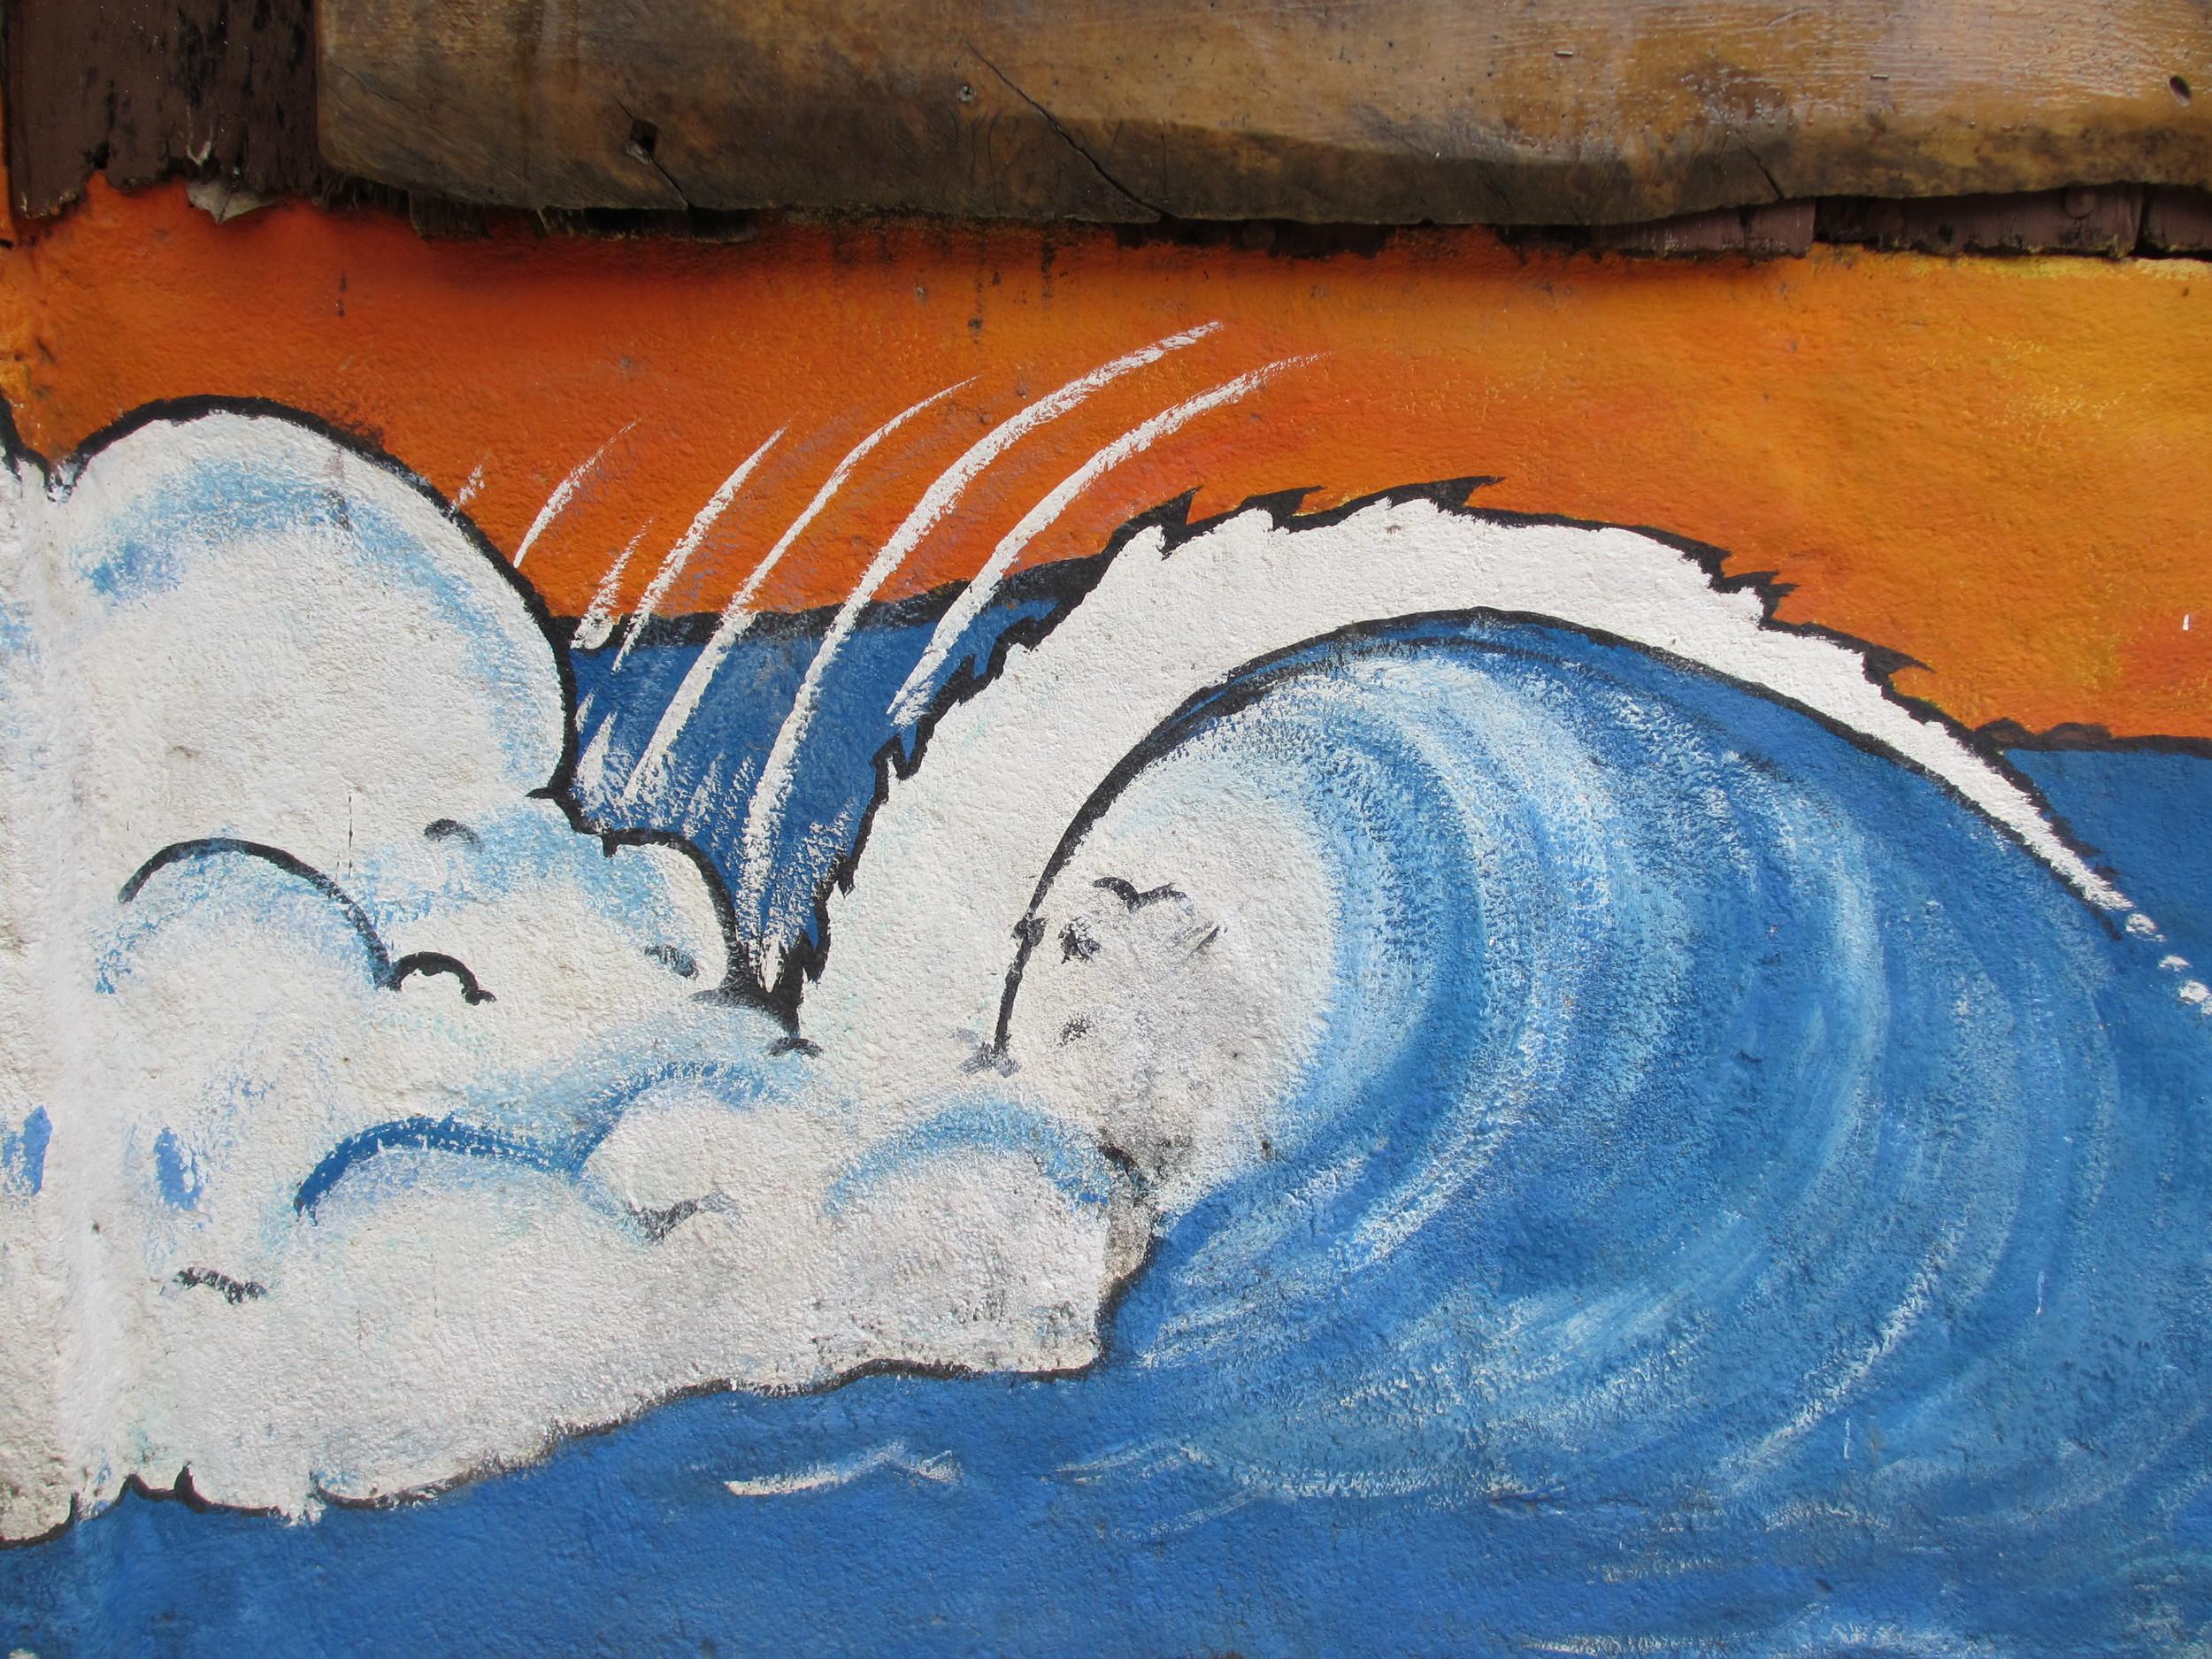 Graffiti wave in Costa Rica.jpg